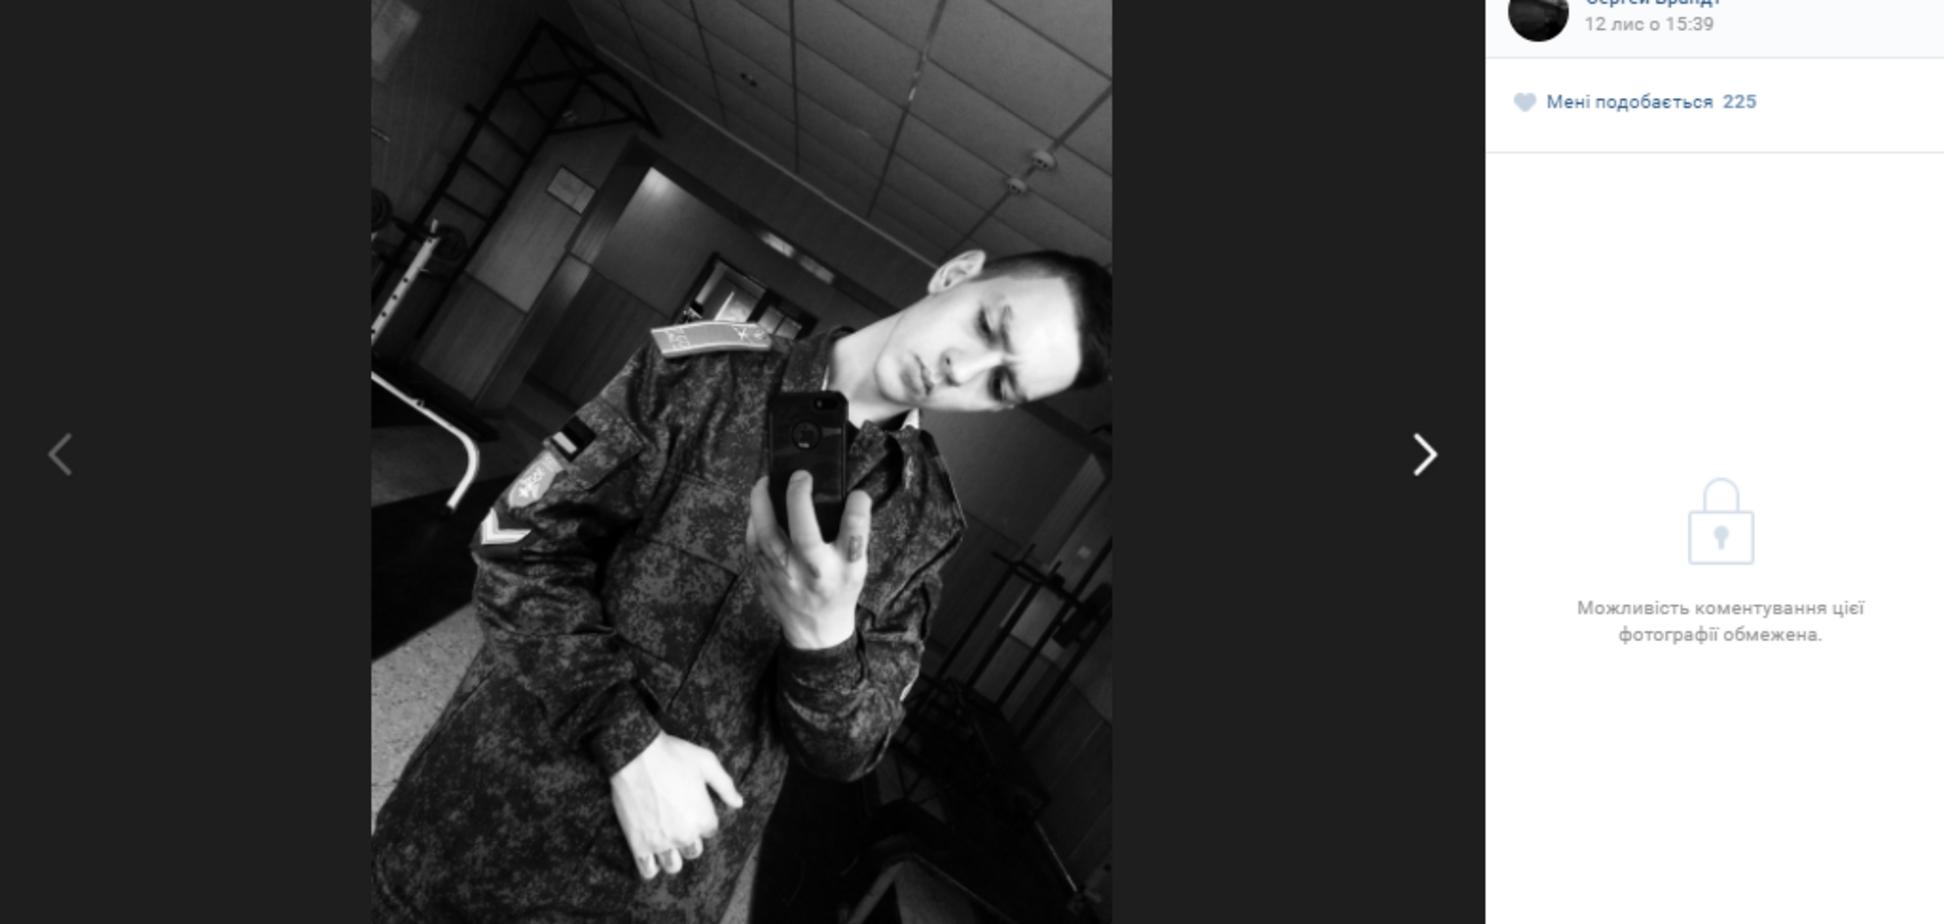 Татуировки и камуфляж 'ДНР': в сети нашлись секретные фото сына террориста Гиви